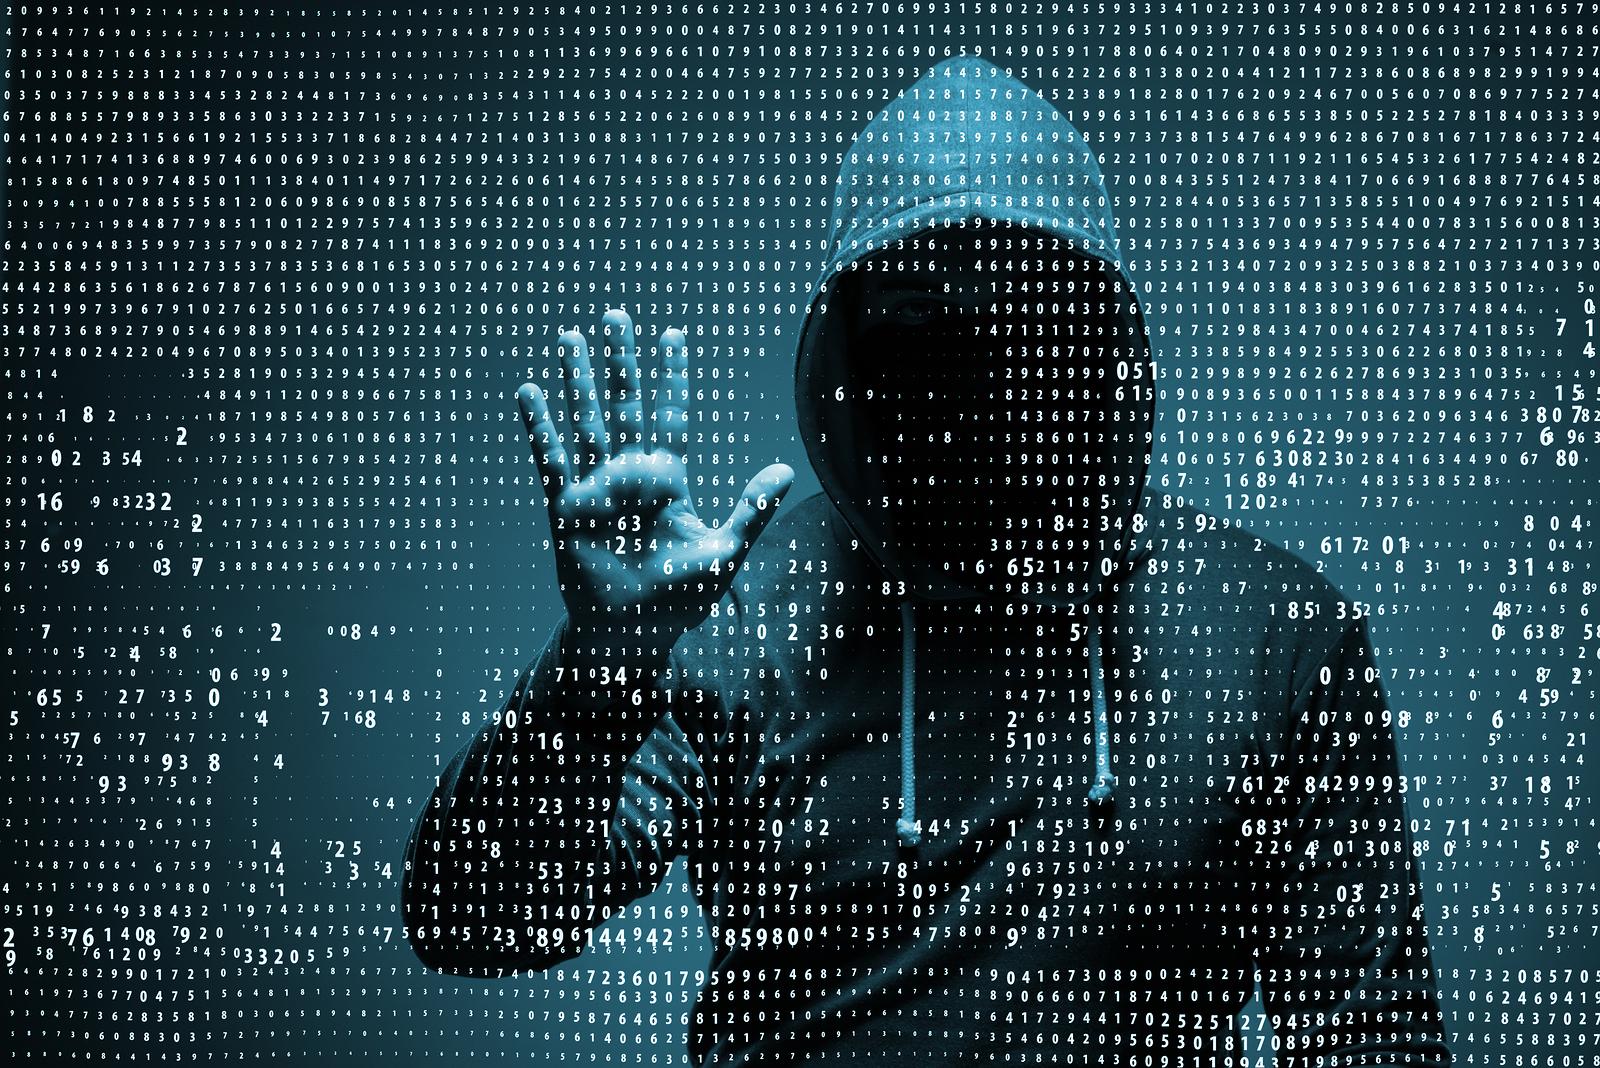 Üdv cyber kölykök!